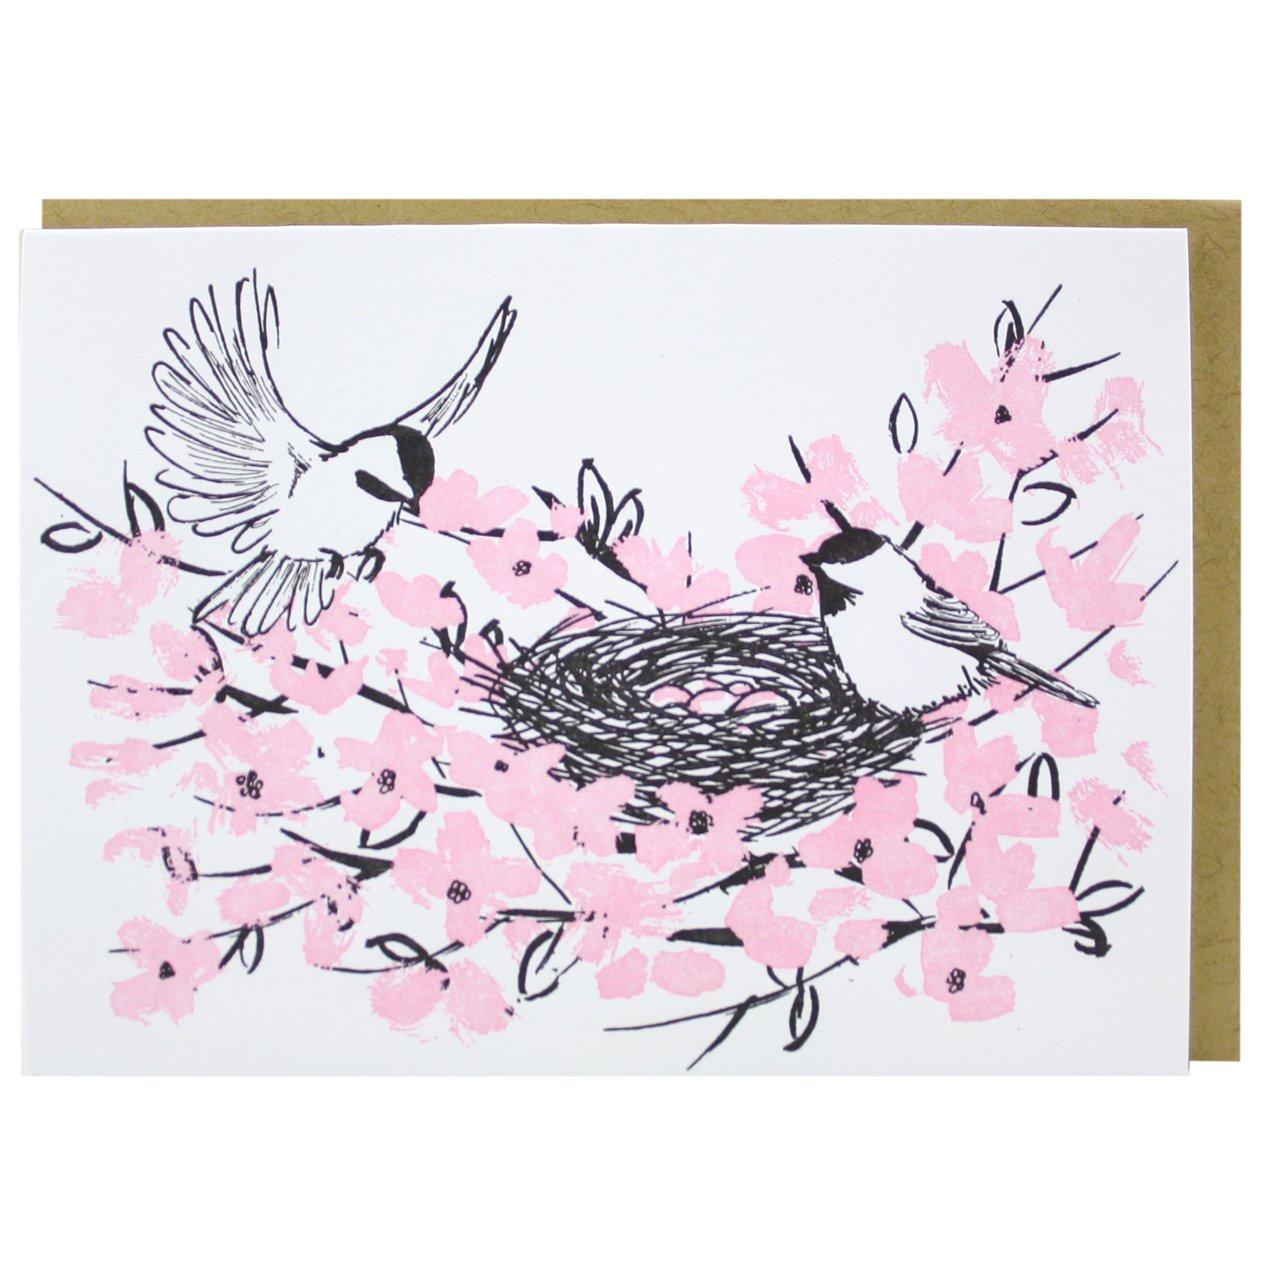 birds-in-a-nest-note-card_1280x1280.jpg